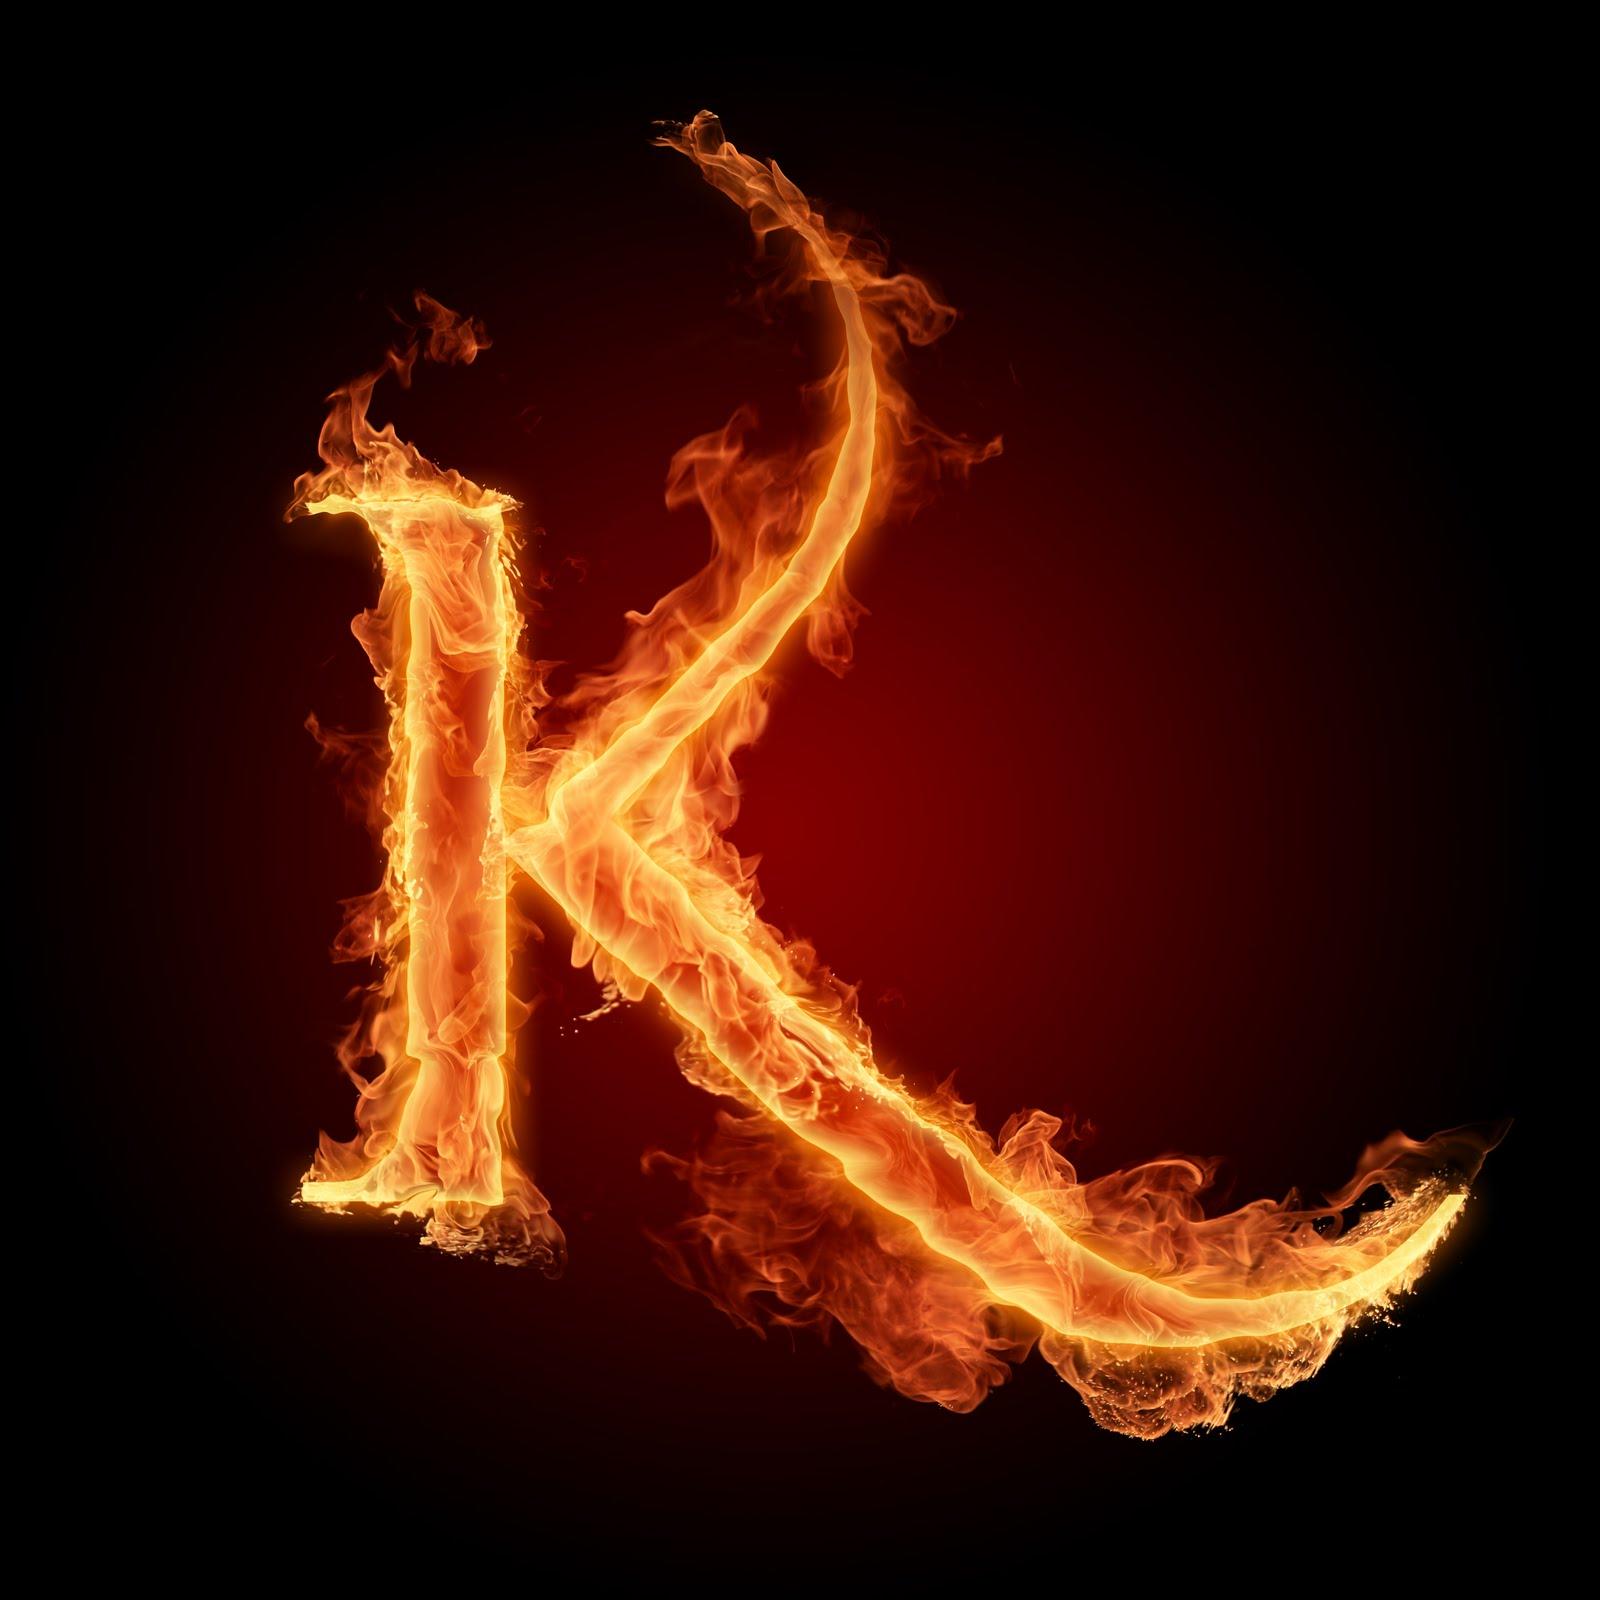 karina letras cosas: